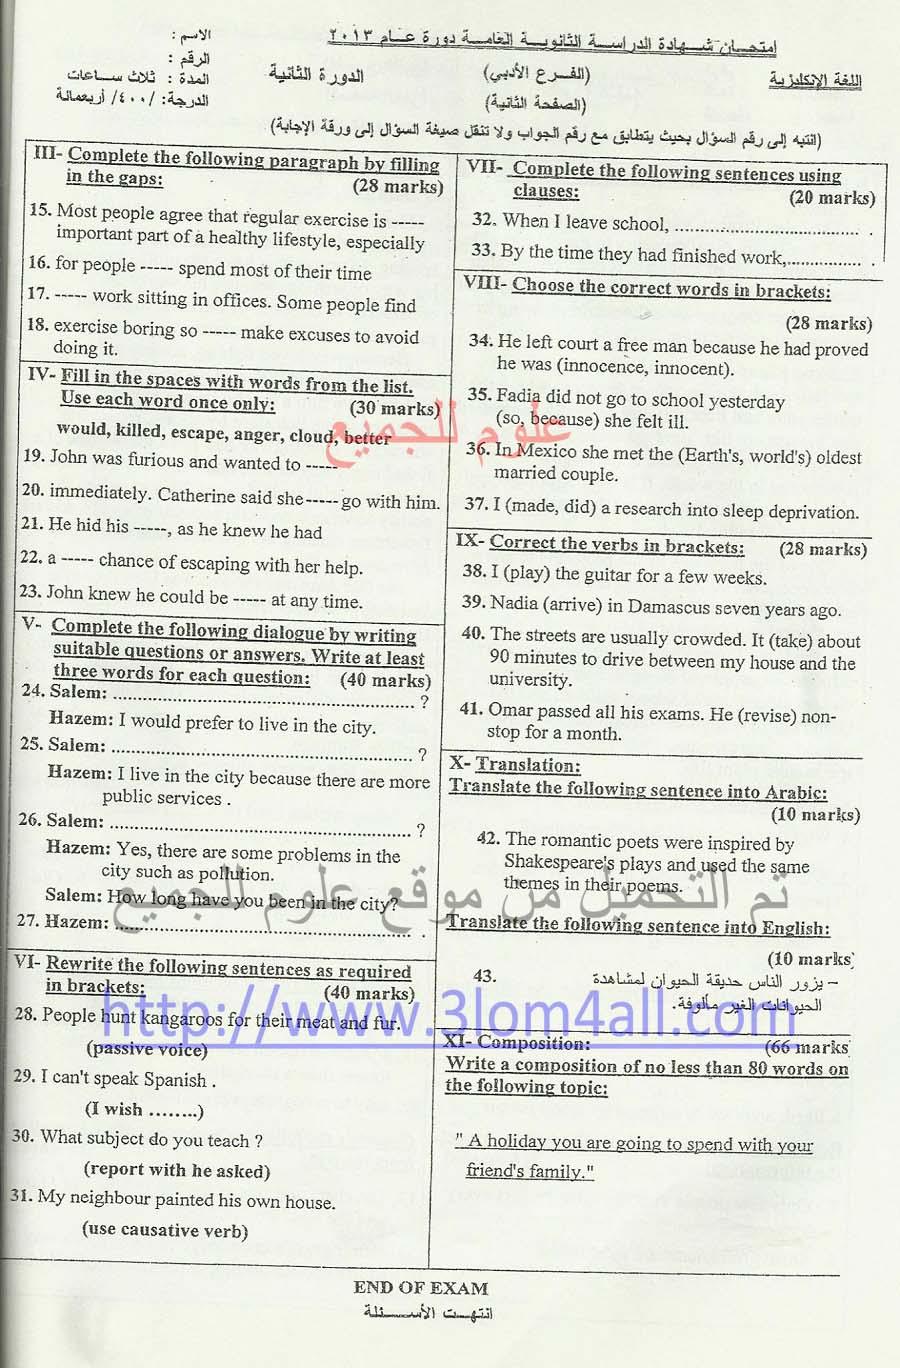 ورقة امتحان الانجليزي البكالوريا سوريا 2013 الفرع الأدبي الدورة الثانية التكميلية